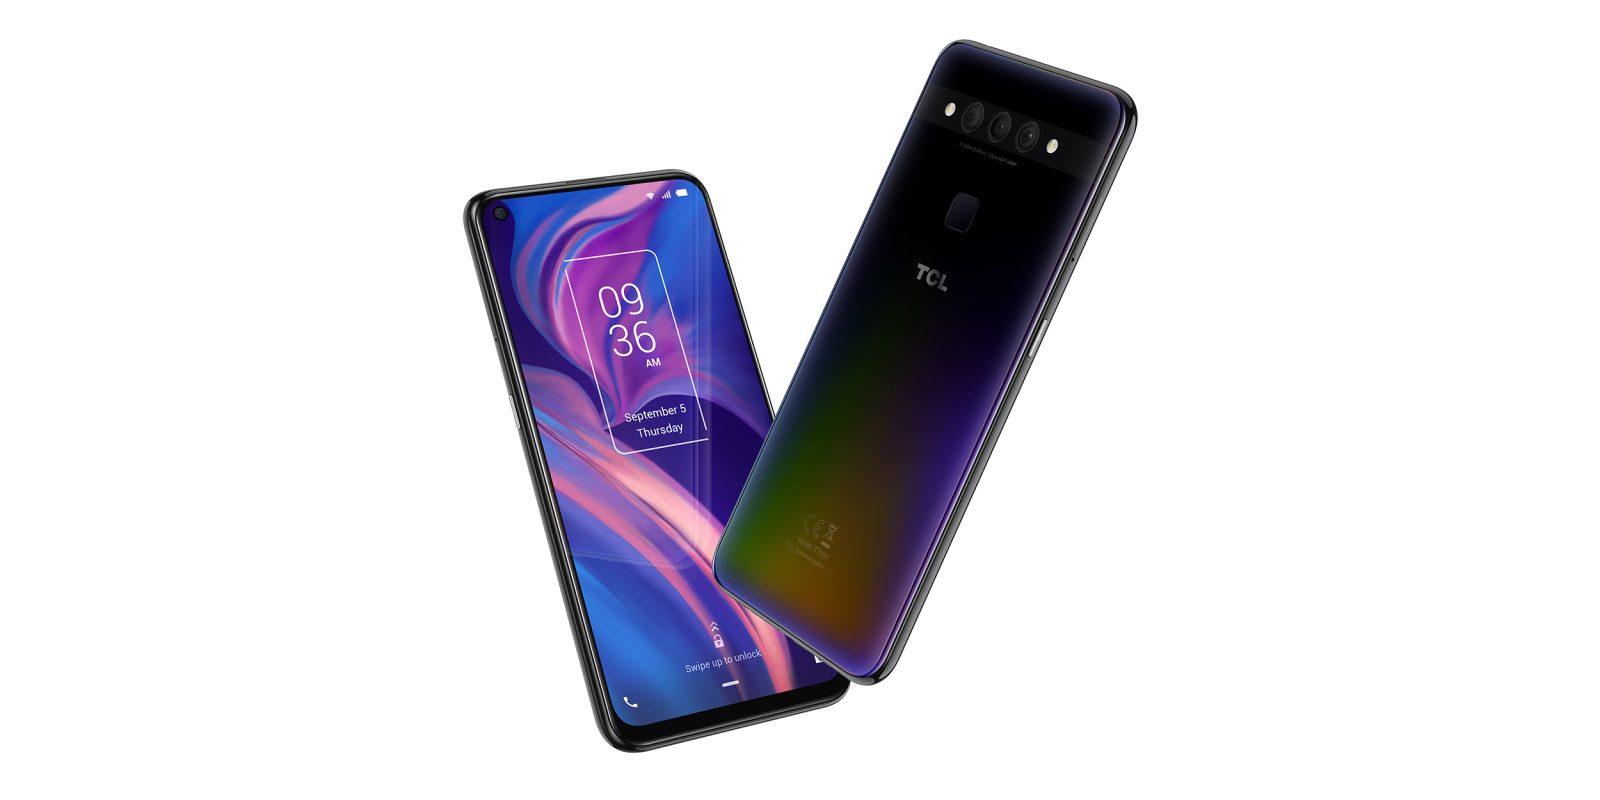 الهواتف الذكية التي تم الكشف عنها خلال فعاليات معرض IFA 2019